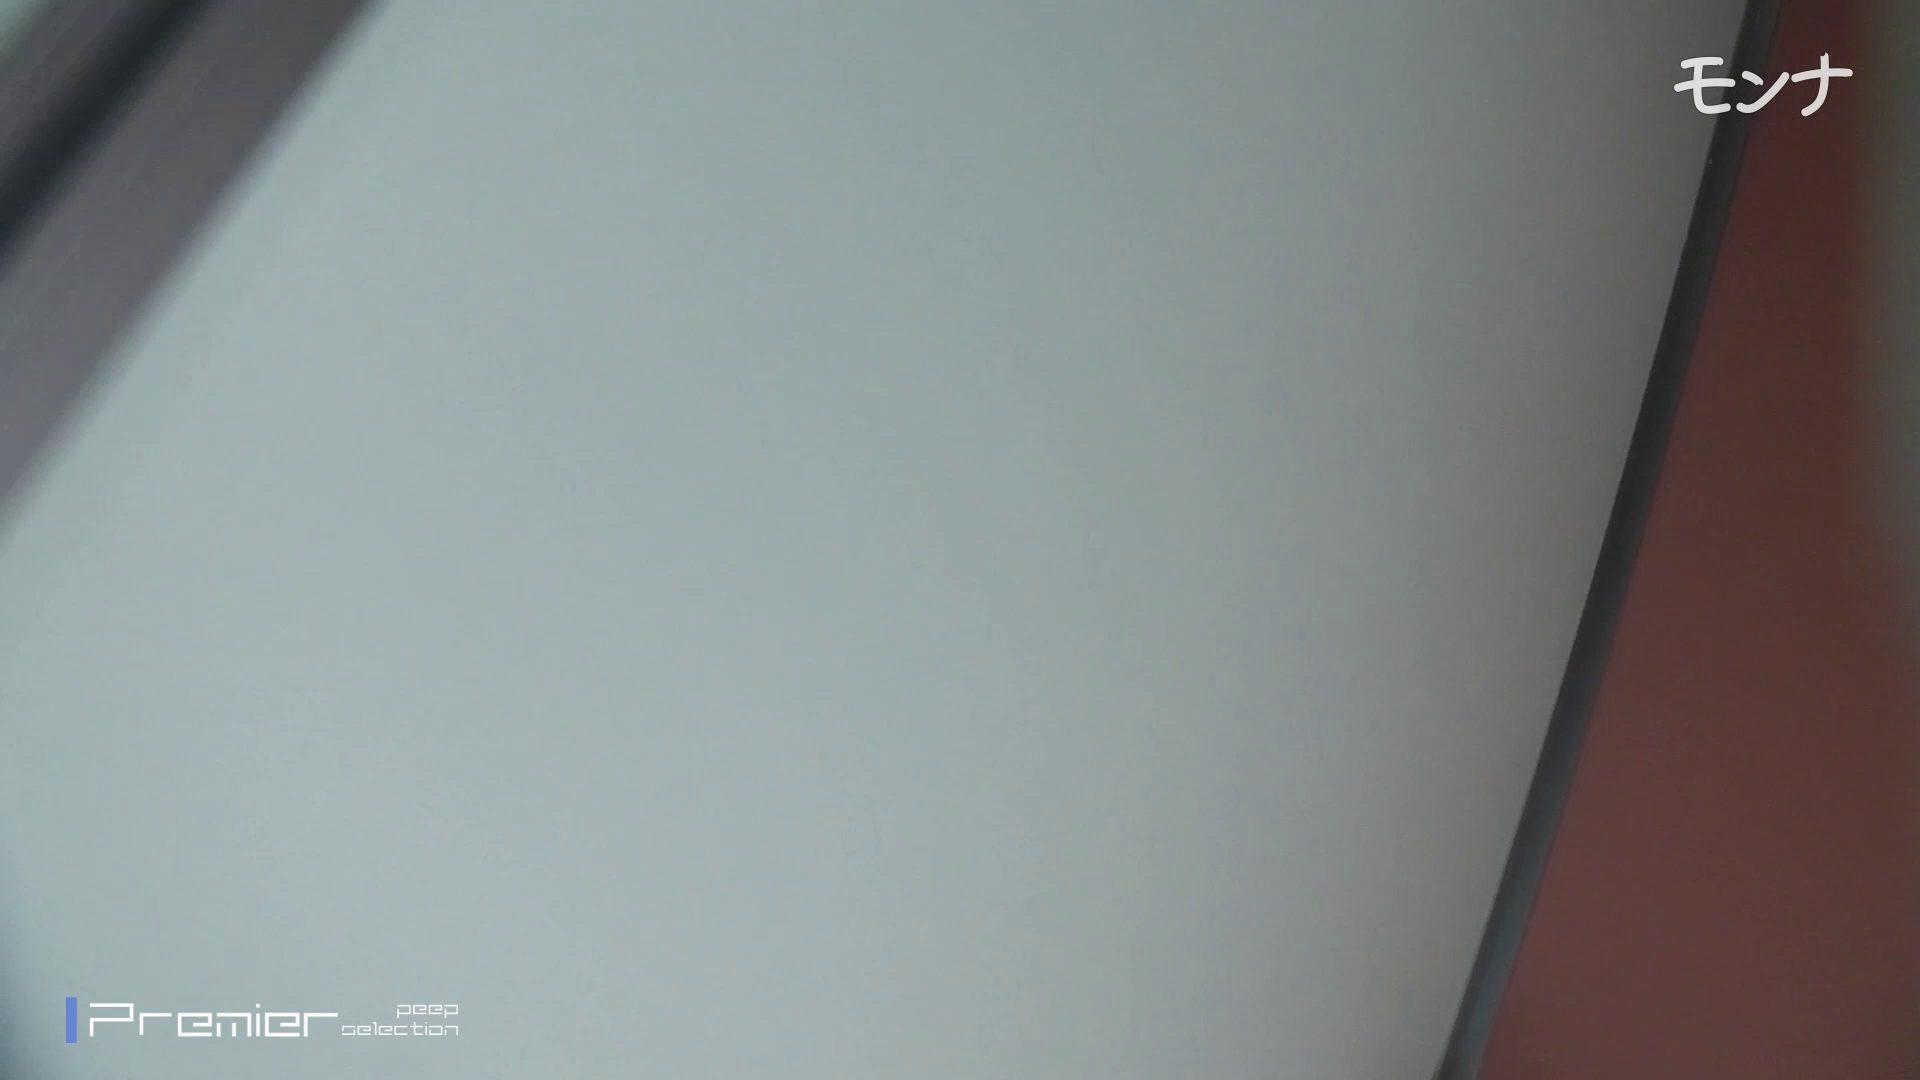 美しい日本の未来 No.55 普通の子たちの日常調長身あり ギャル おめこ無修正動画無料 54pic 42